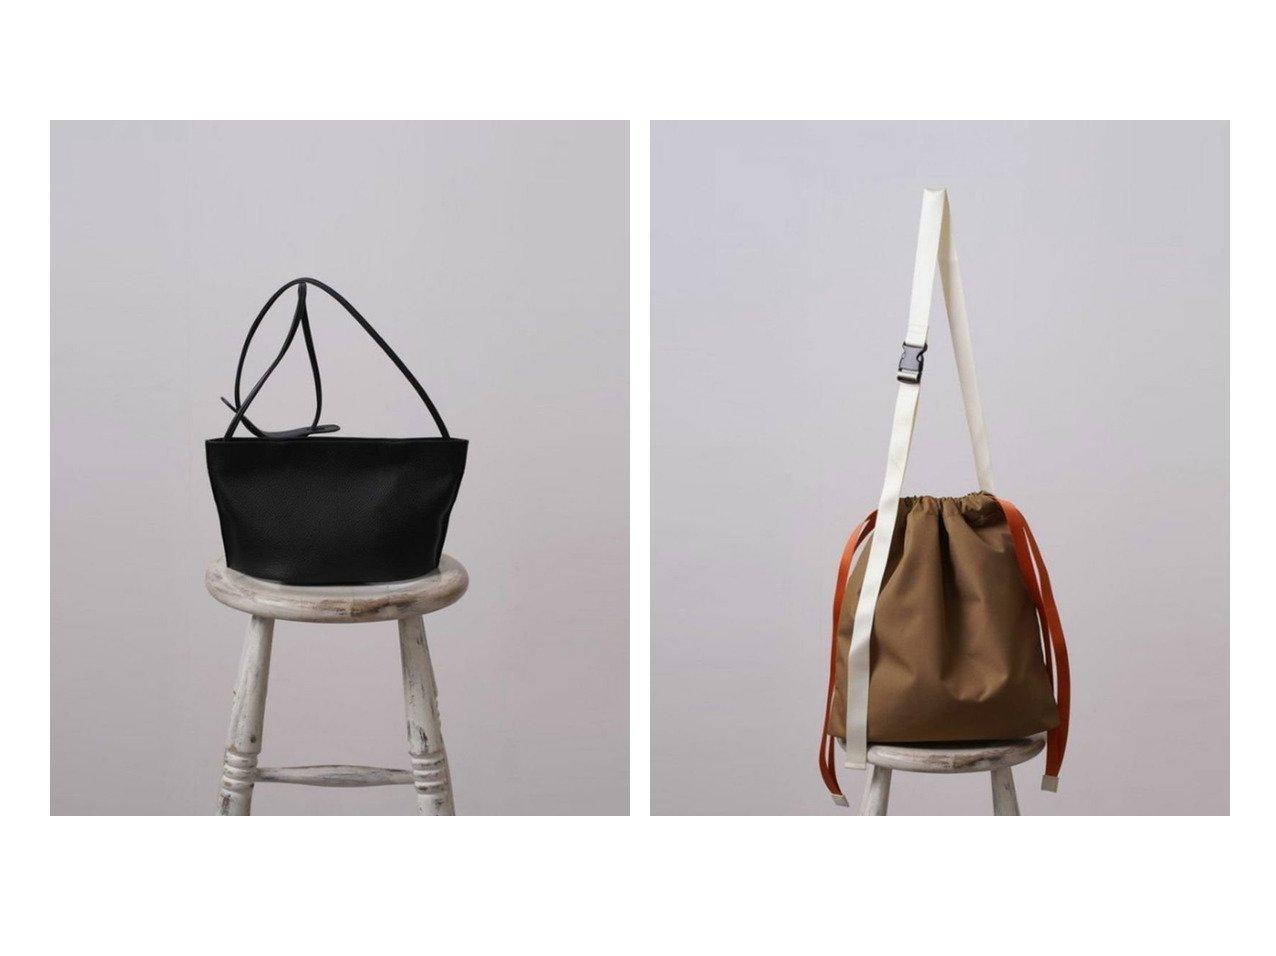 【marjour/マージュール】のラウゴアEDAM Laugoa EDAM&rラウゴアTHORN Laugoa THORN おすすめ!人気、トレンド・レディースファッションの通販  おすすめで人気の流行・トレンド、ファッションの通販商品 メンズファッション・キッズファッション・インテリア・家具・レディースファッション・服の通販 founy(ファニー) https://founy.com/ ファッション Fashion レディースファッション WOMEN ショルダー トレンド 軽量 フラット マグネット 今季 定番 Standard |ID:crp329100000029023